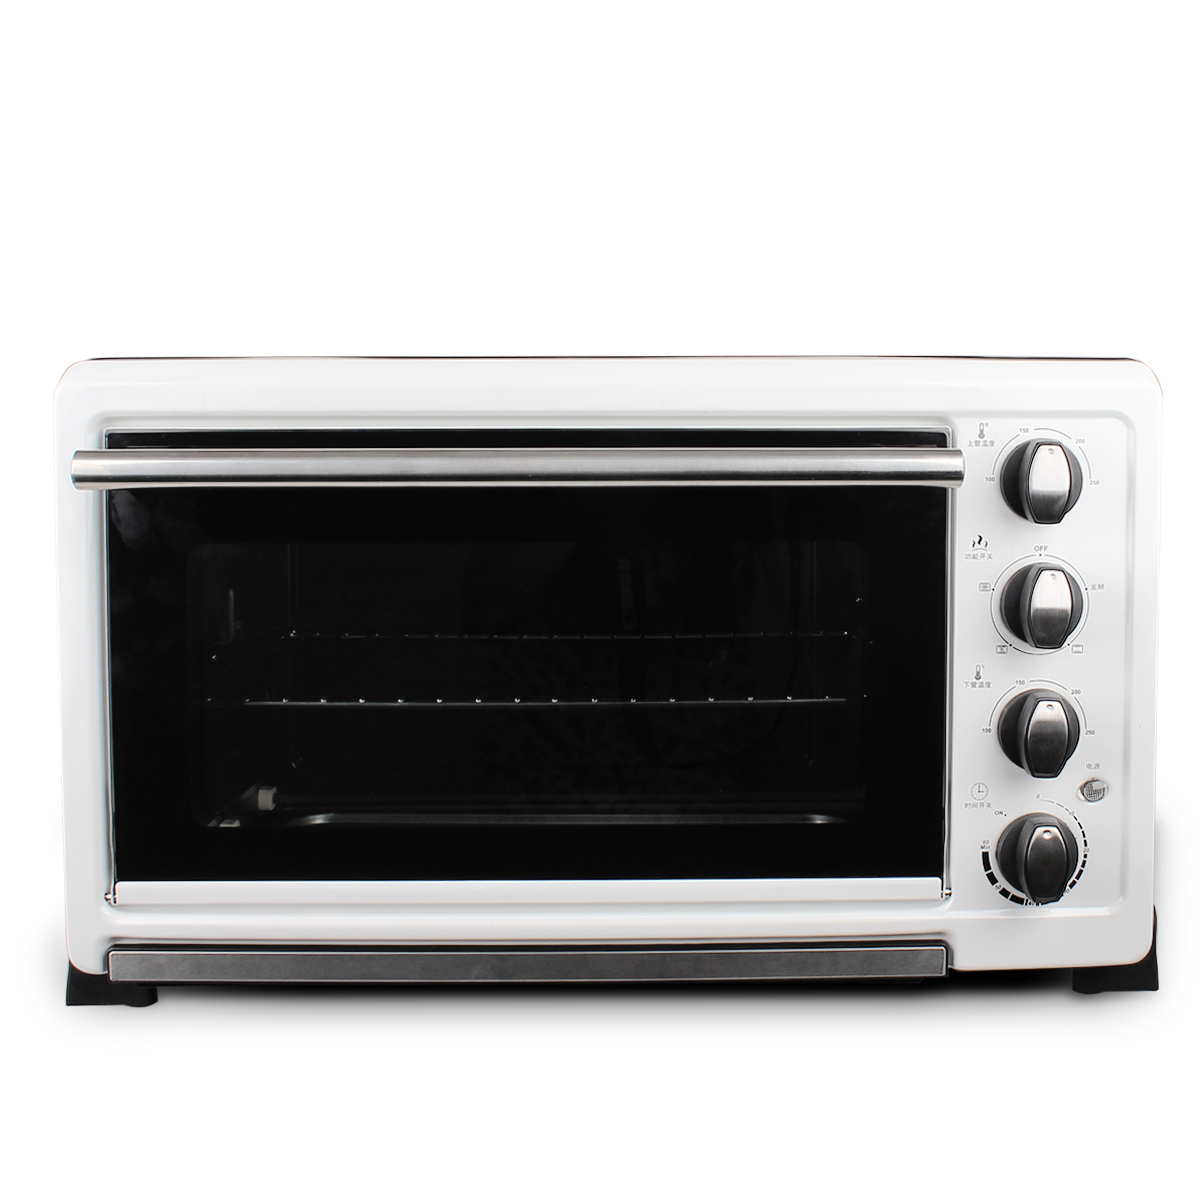 caple/客浦 TO5406 电烤箱怎么样,好不好